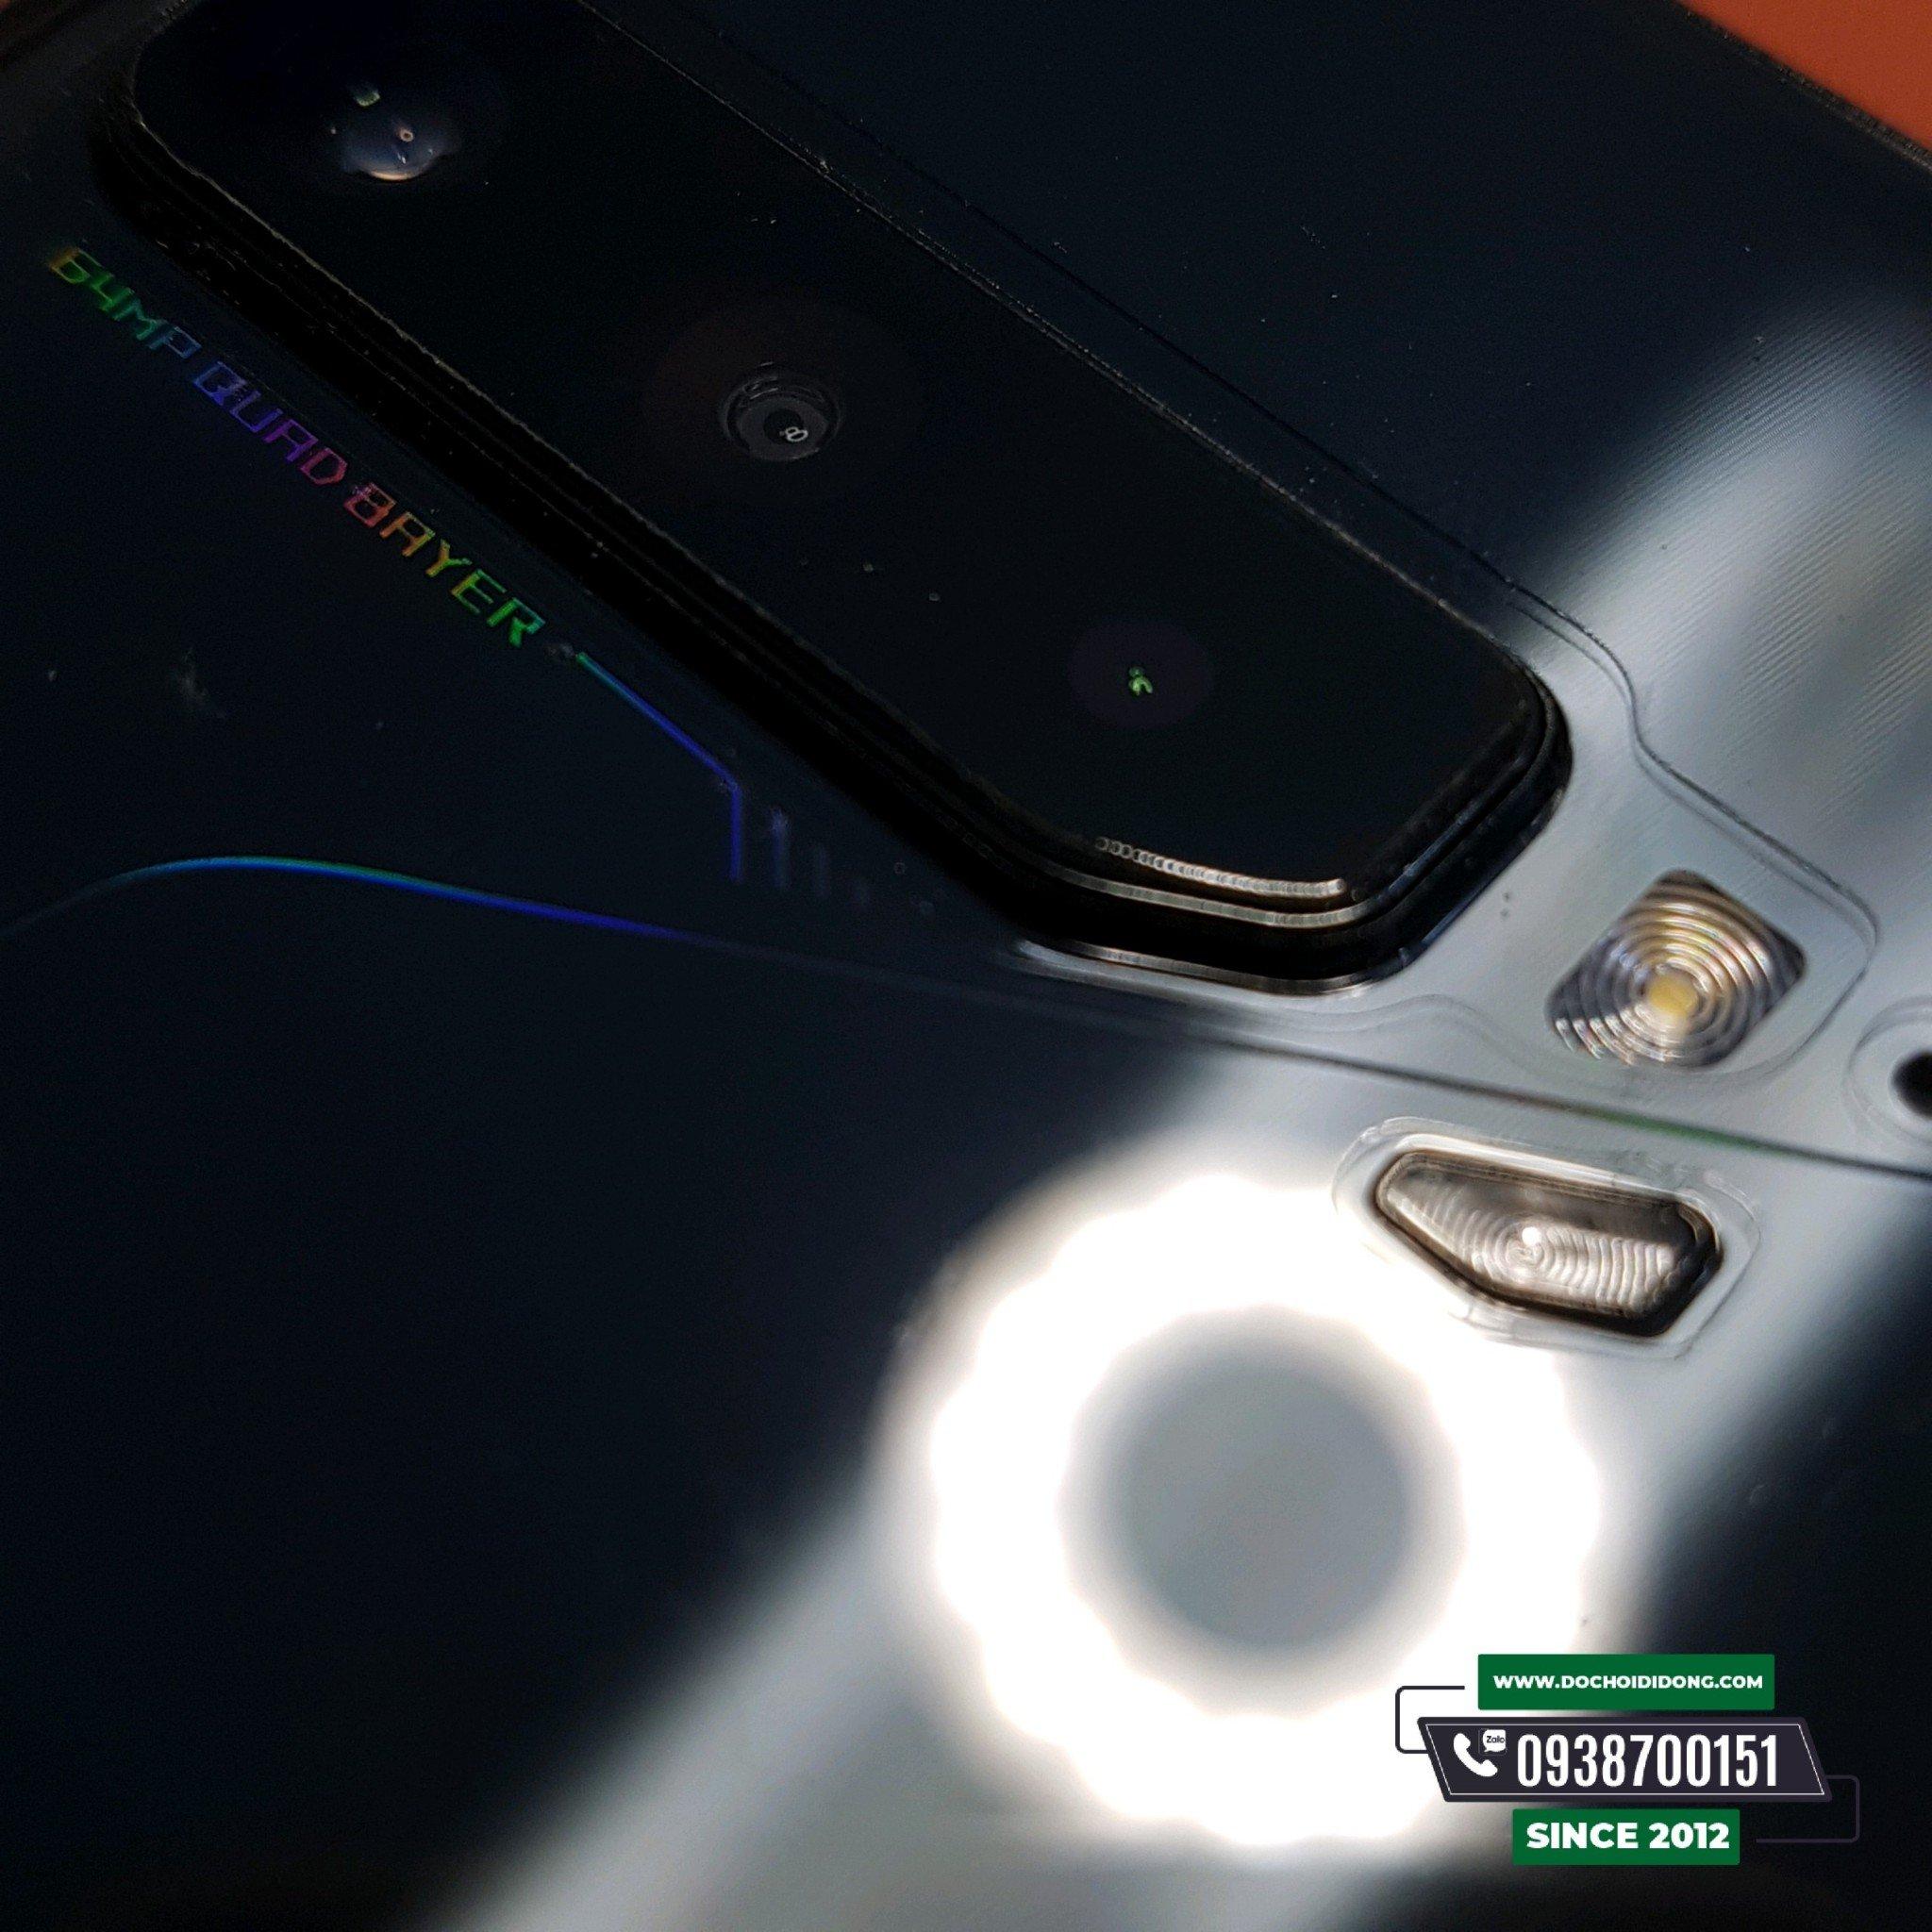 mieng-dan-cuong-luc-camera-asus-rog-phone-3